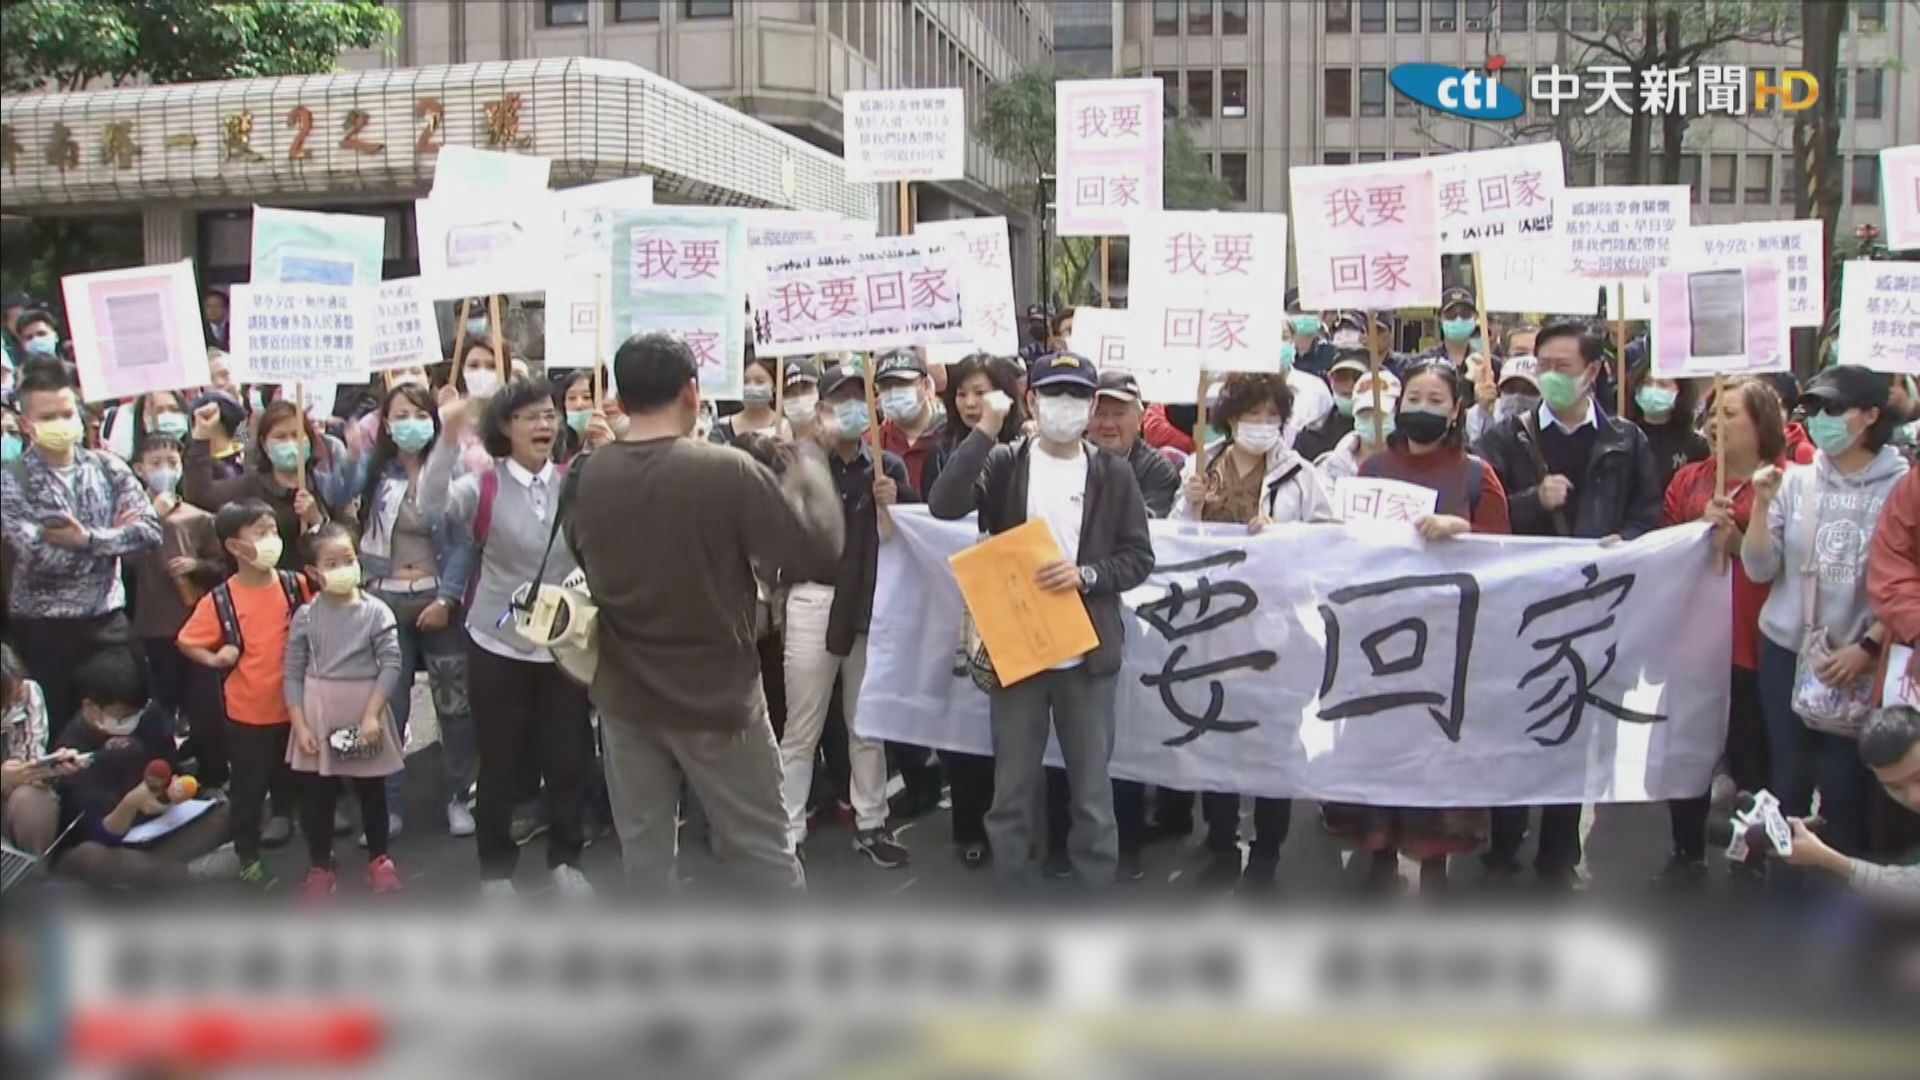 三港人台灣旅客居家檢疫期間失聯 現已尋回